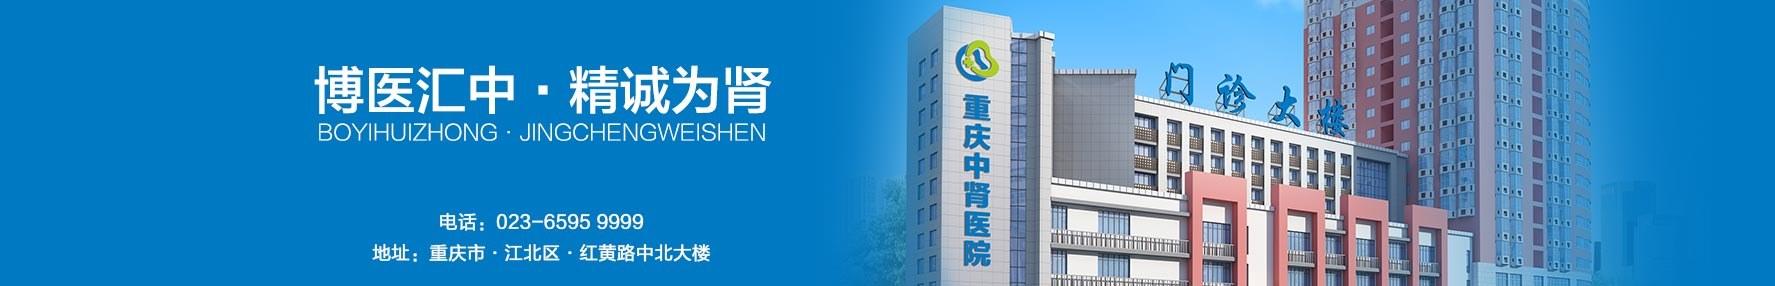 重庆中肾专科医院